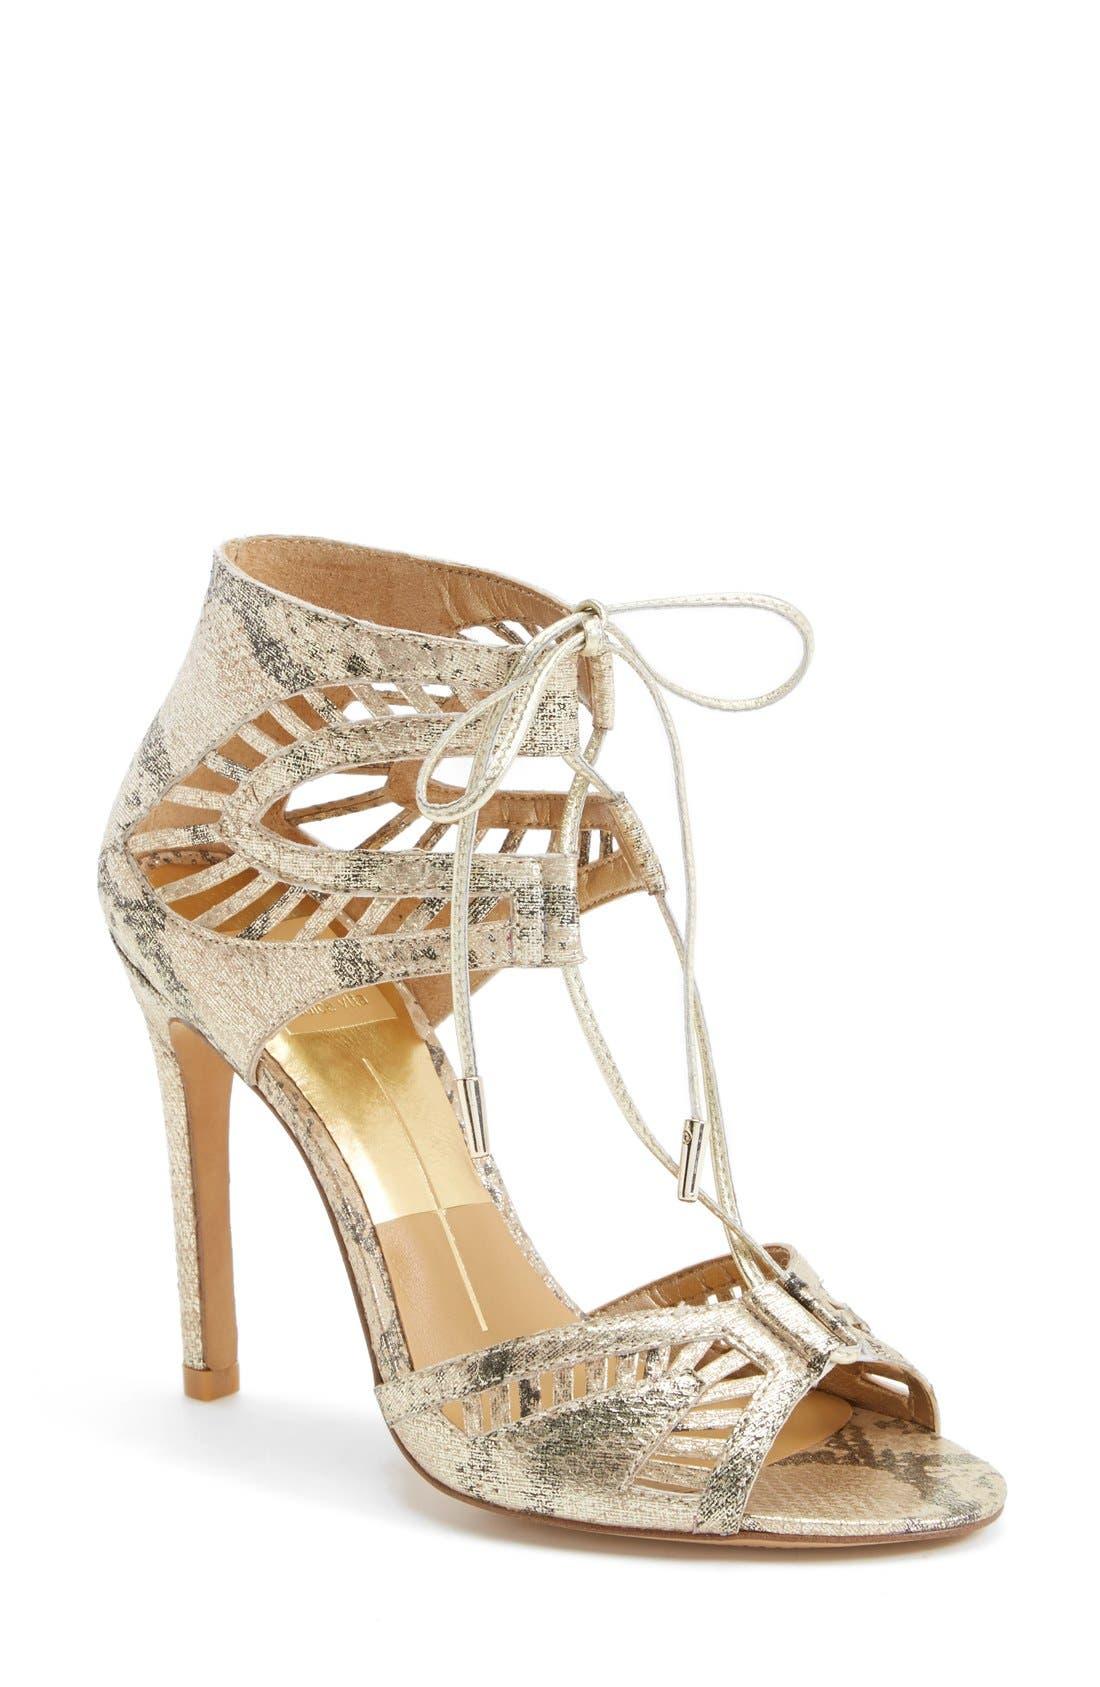 Main Image - Dolce Vita 'Henlie' Open Toe Sandal (Women)